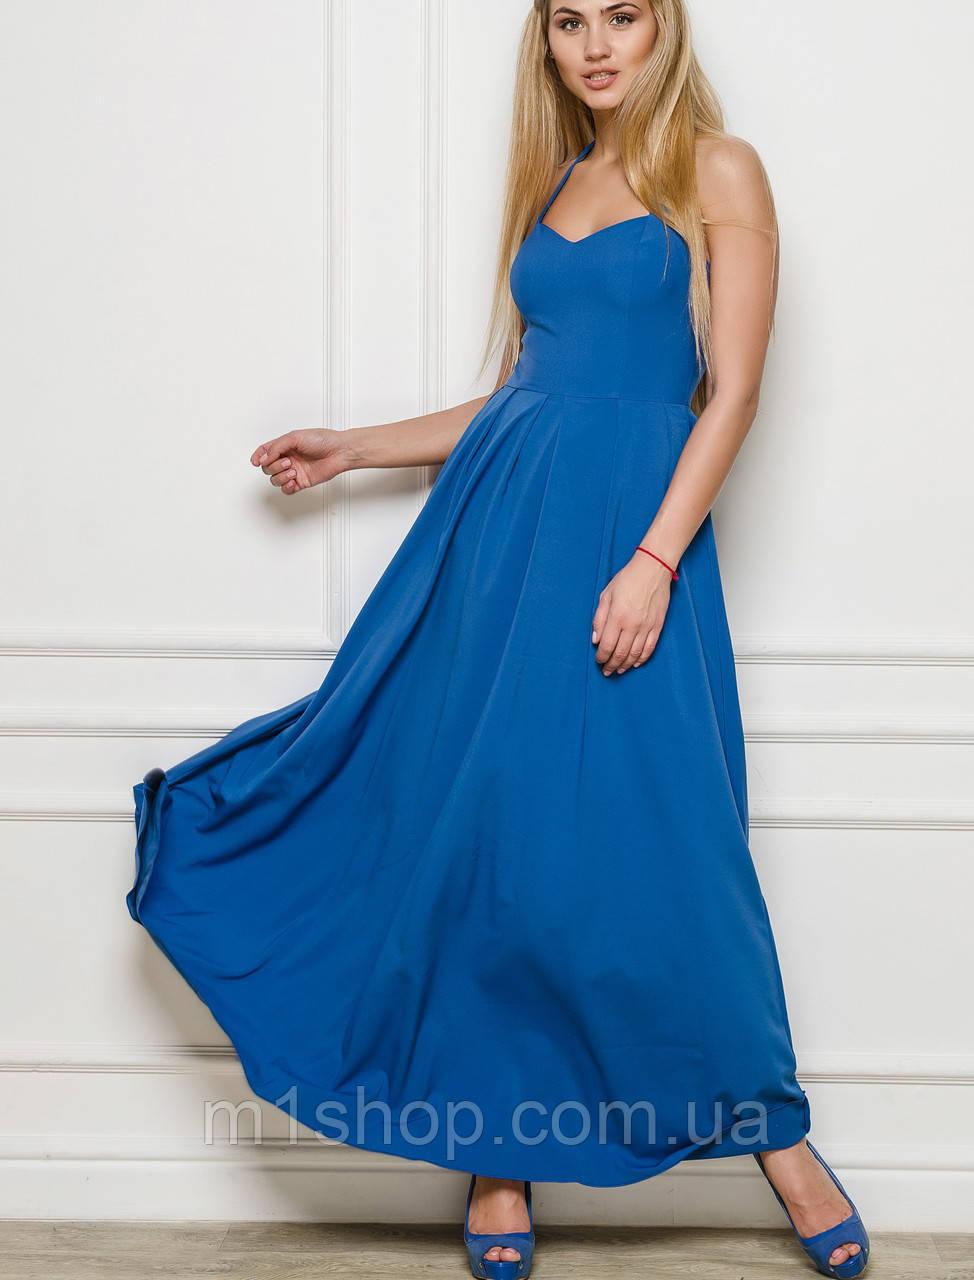 Котоновое платье | Jasmin sk